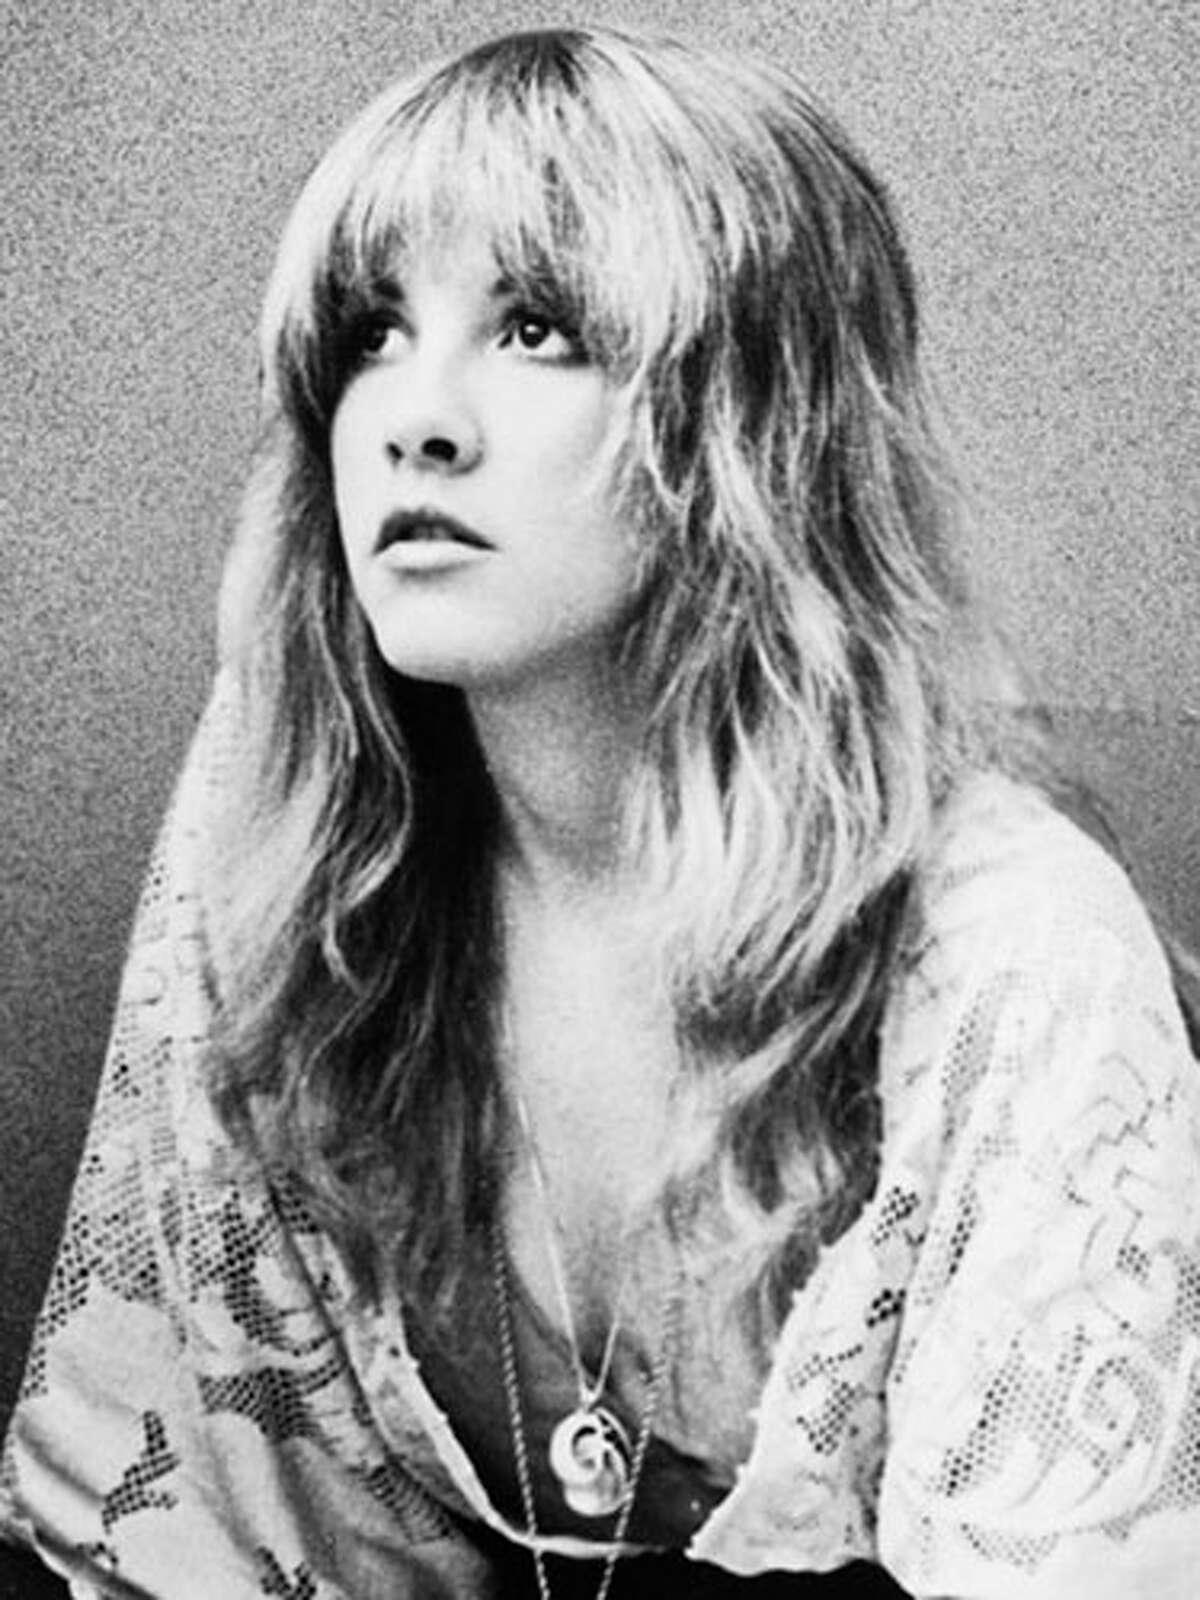 El Paso would be Stevie Nicks